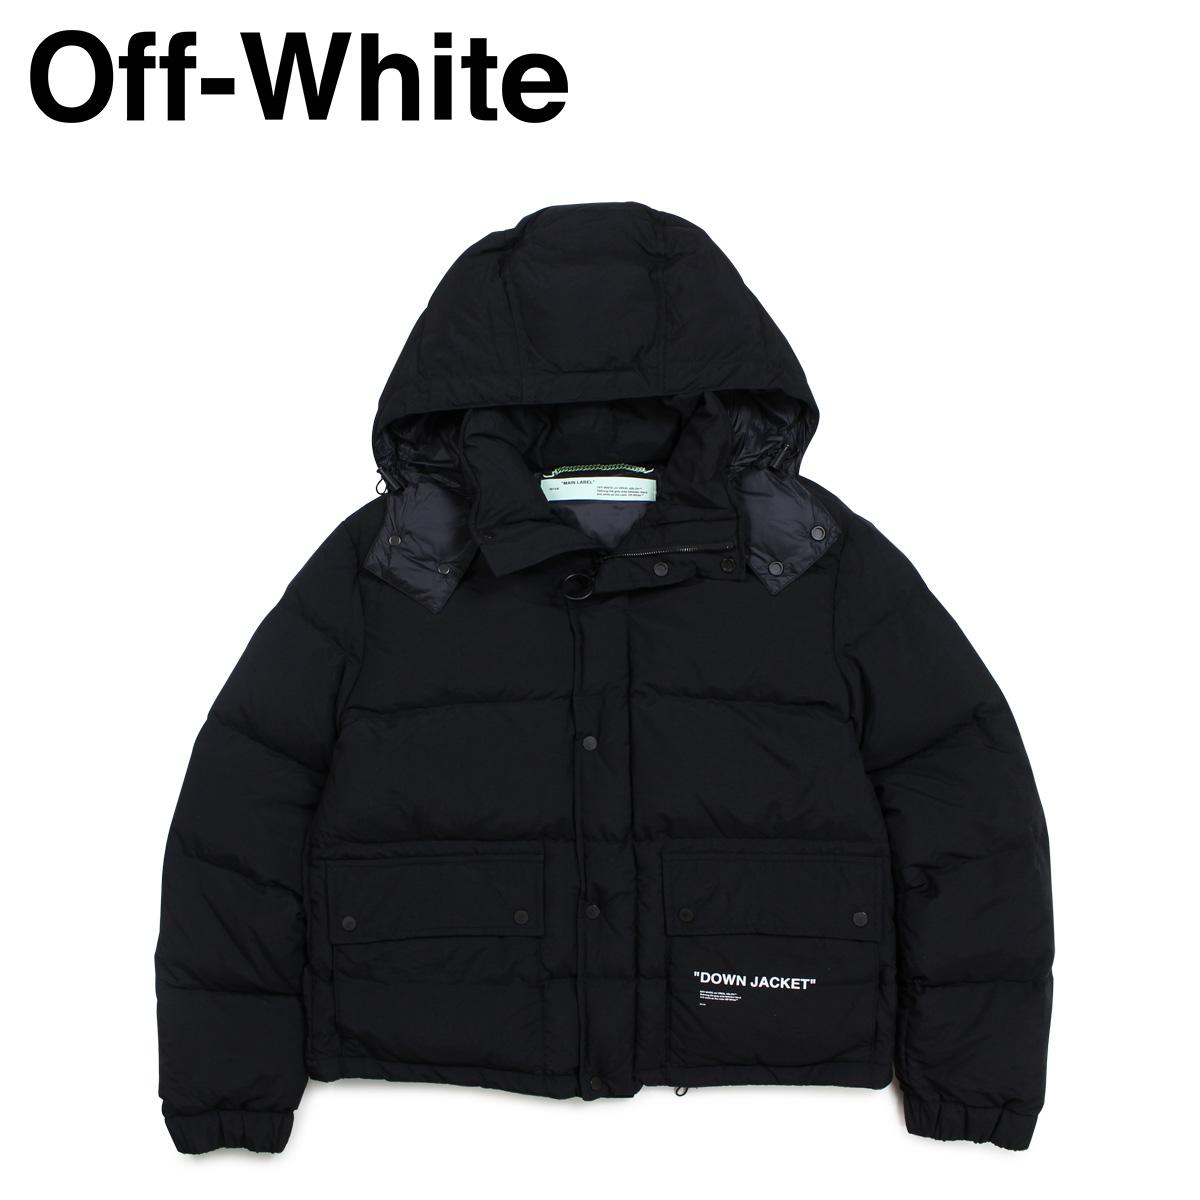 オフホワイト Off-white ジャケット メンズ ダウンジャケット DOWN JACKET ブラック 黒 OMED005 803015